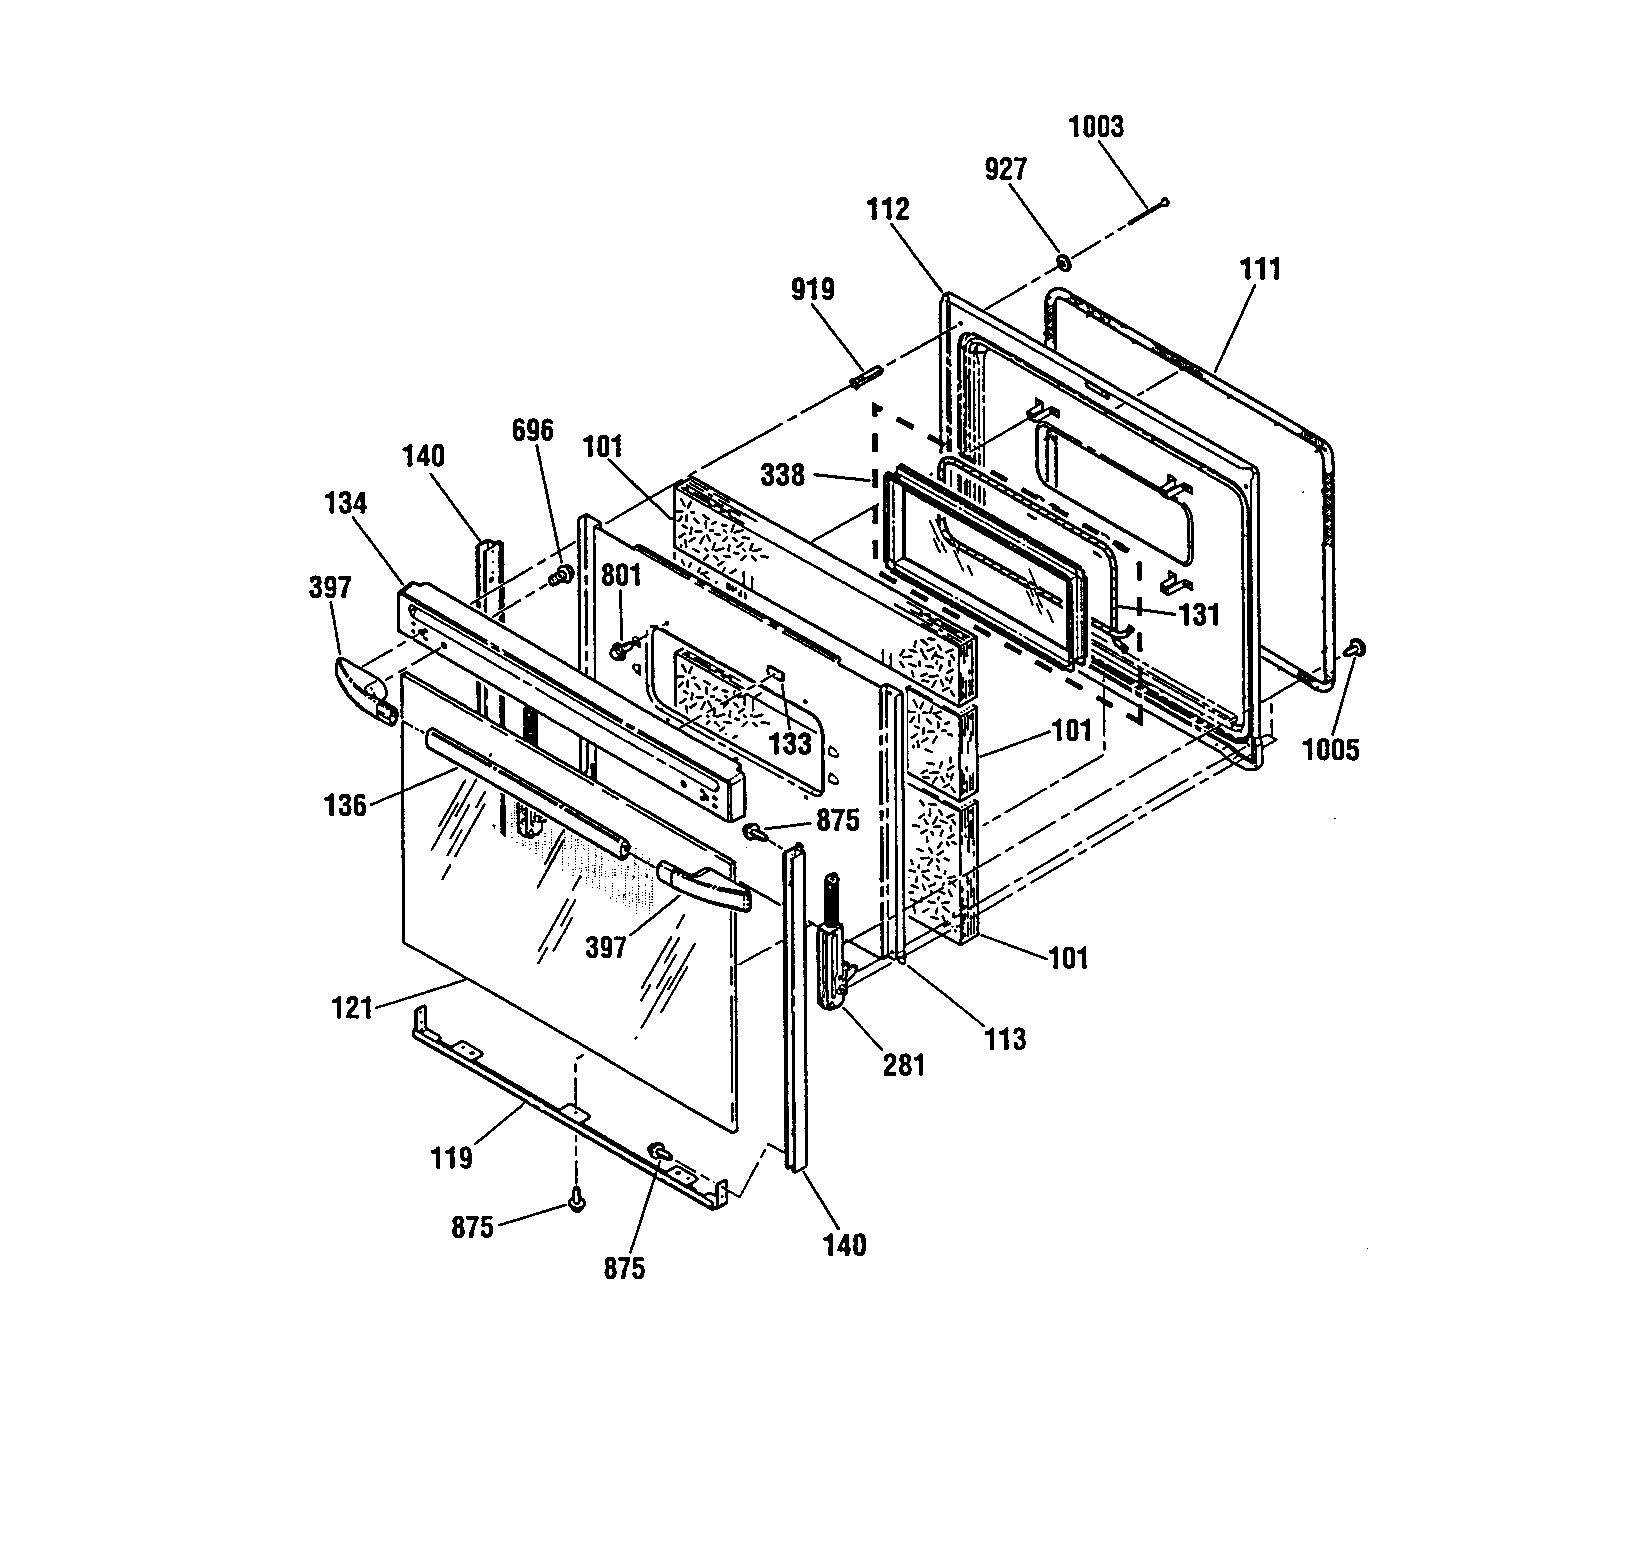 [DIAGRAM] Kenmore Electric Stove Wiring Diagrams 911